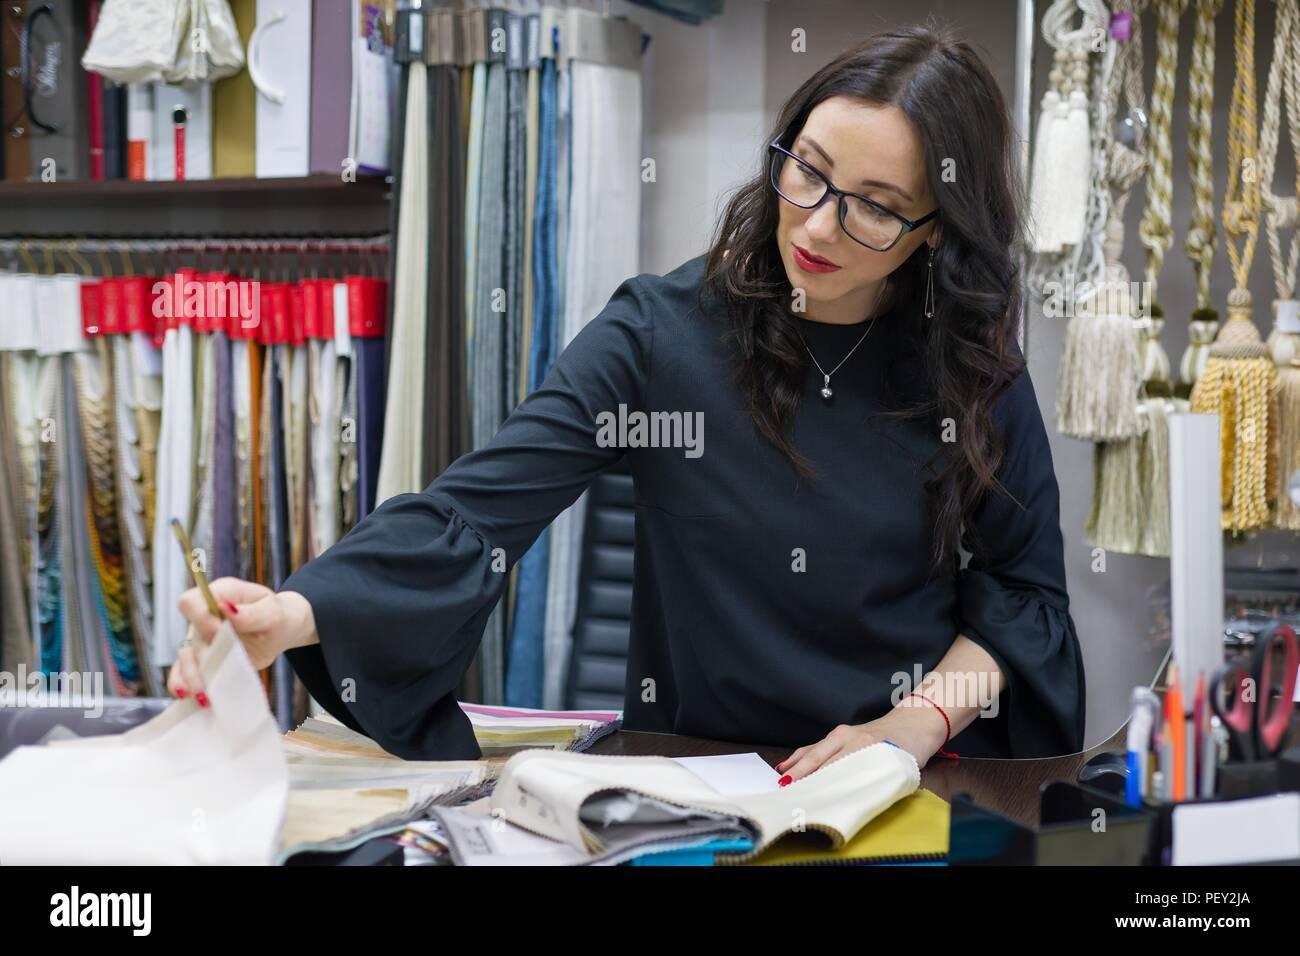 La donna è il proprietario di un negozio di tessuti interni e decorazioni lavora con campioni di materiali. Small business home negozio di tessuti Immagini Stock